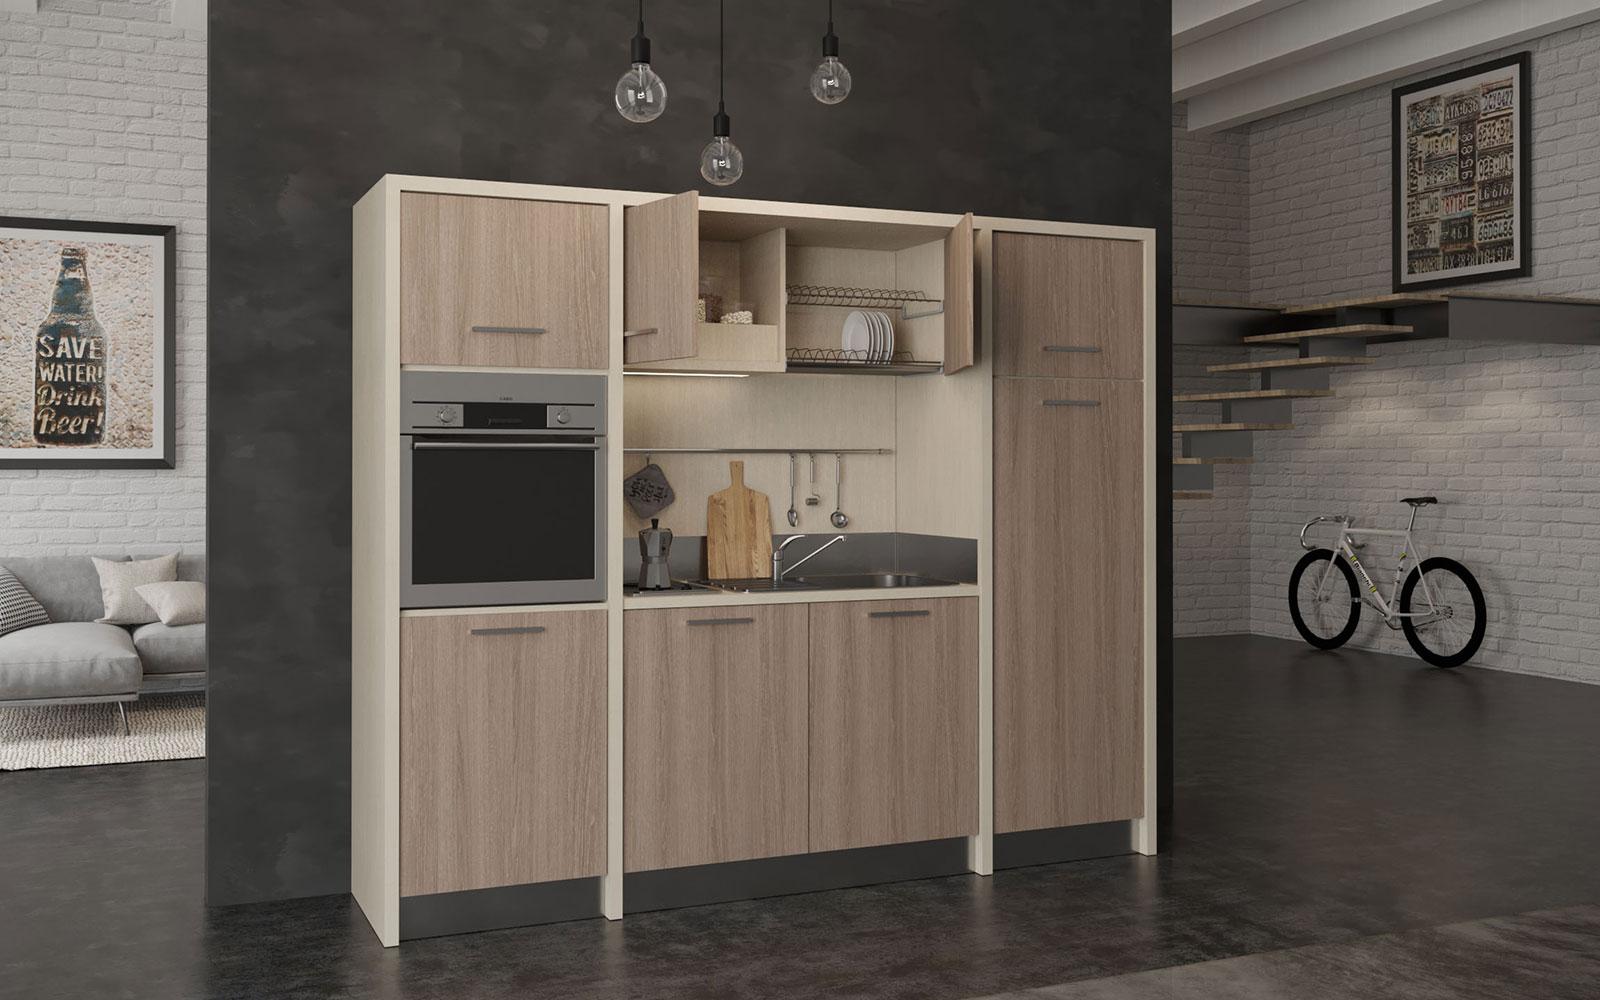 Langhe Cucina Monoblocco A Vista Larga 255cm Con Piano 2 Fuochi Frigorifero Alto Forno E Lavastoviglie